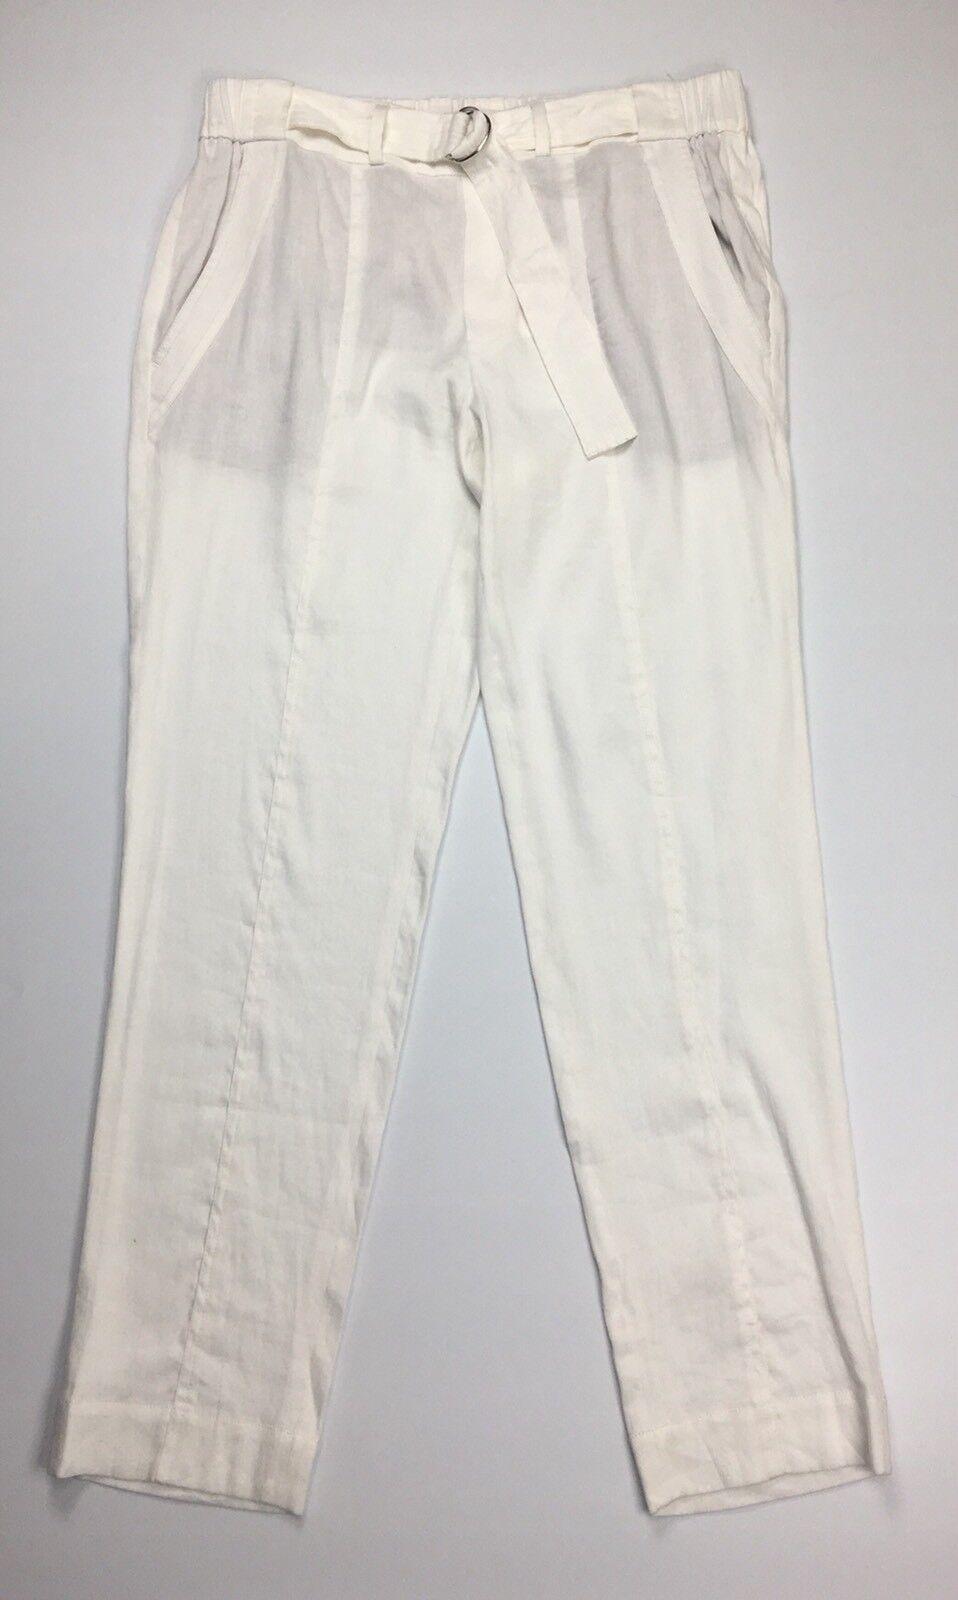 Vince NEW White Women's Size 10 Belted Slim Leg Linen Trouser Pants  275  H428